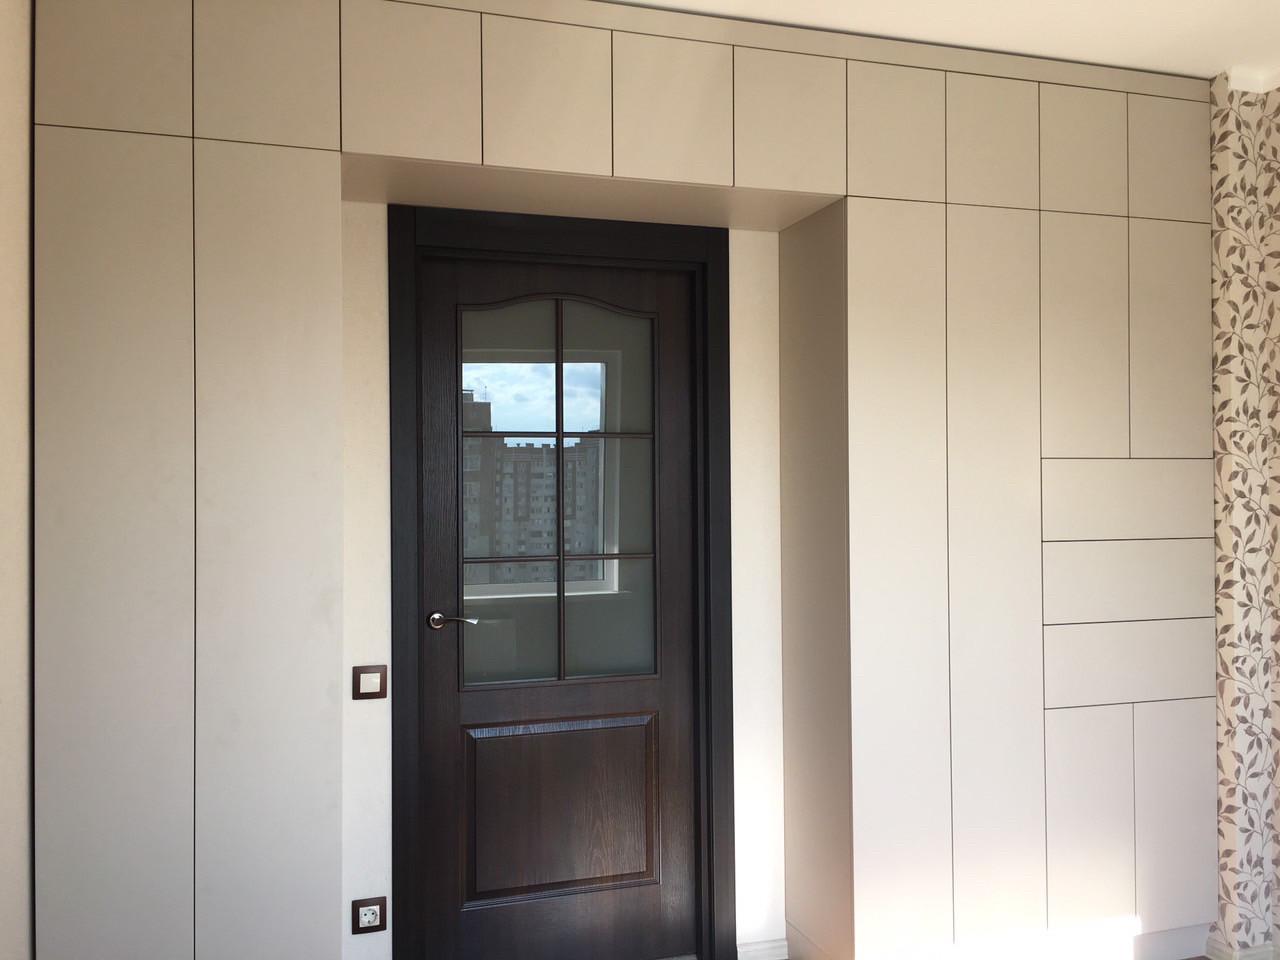 Шкаф с дверями без ручек и тумбой над дверью